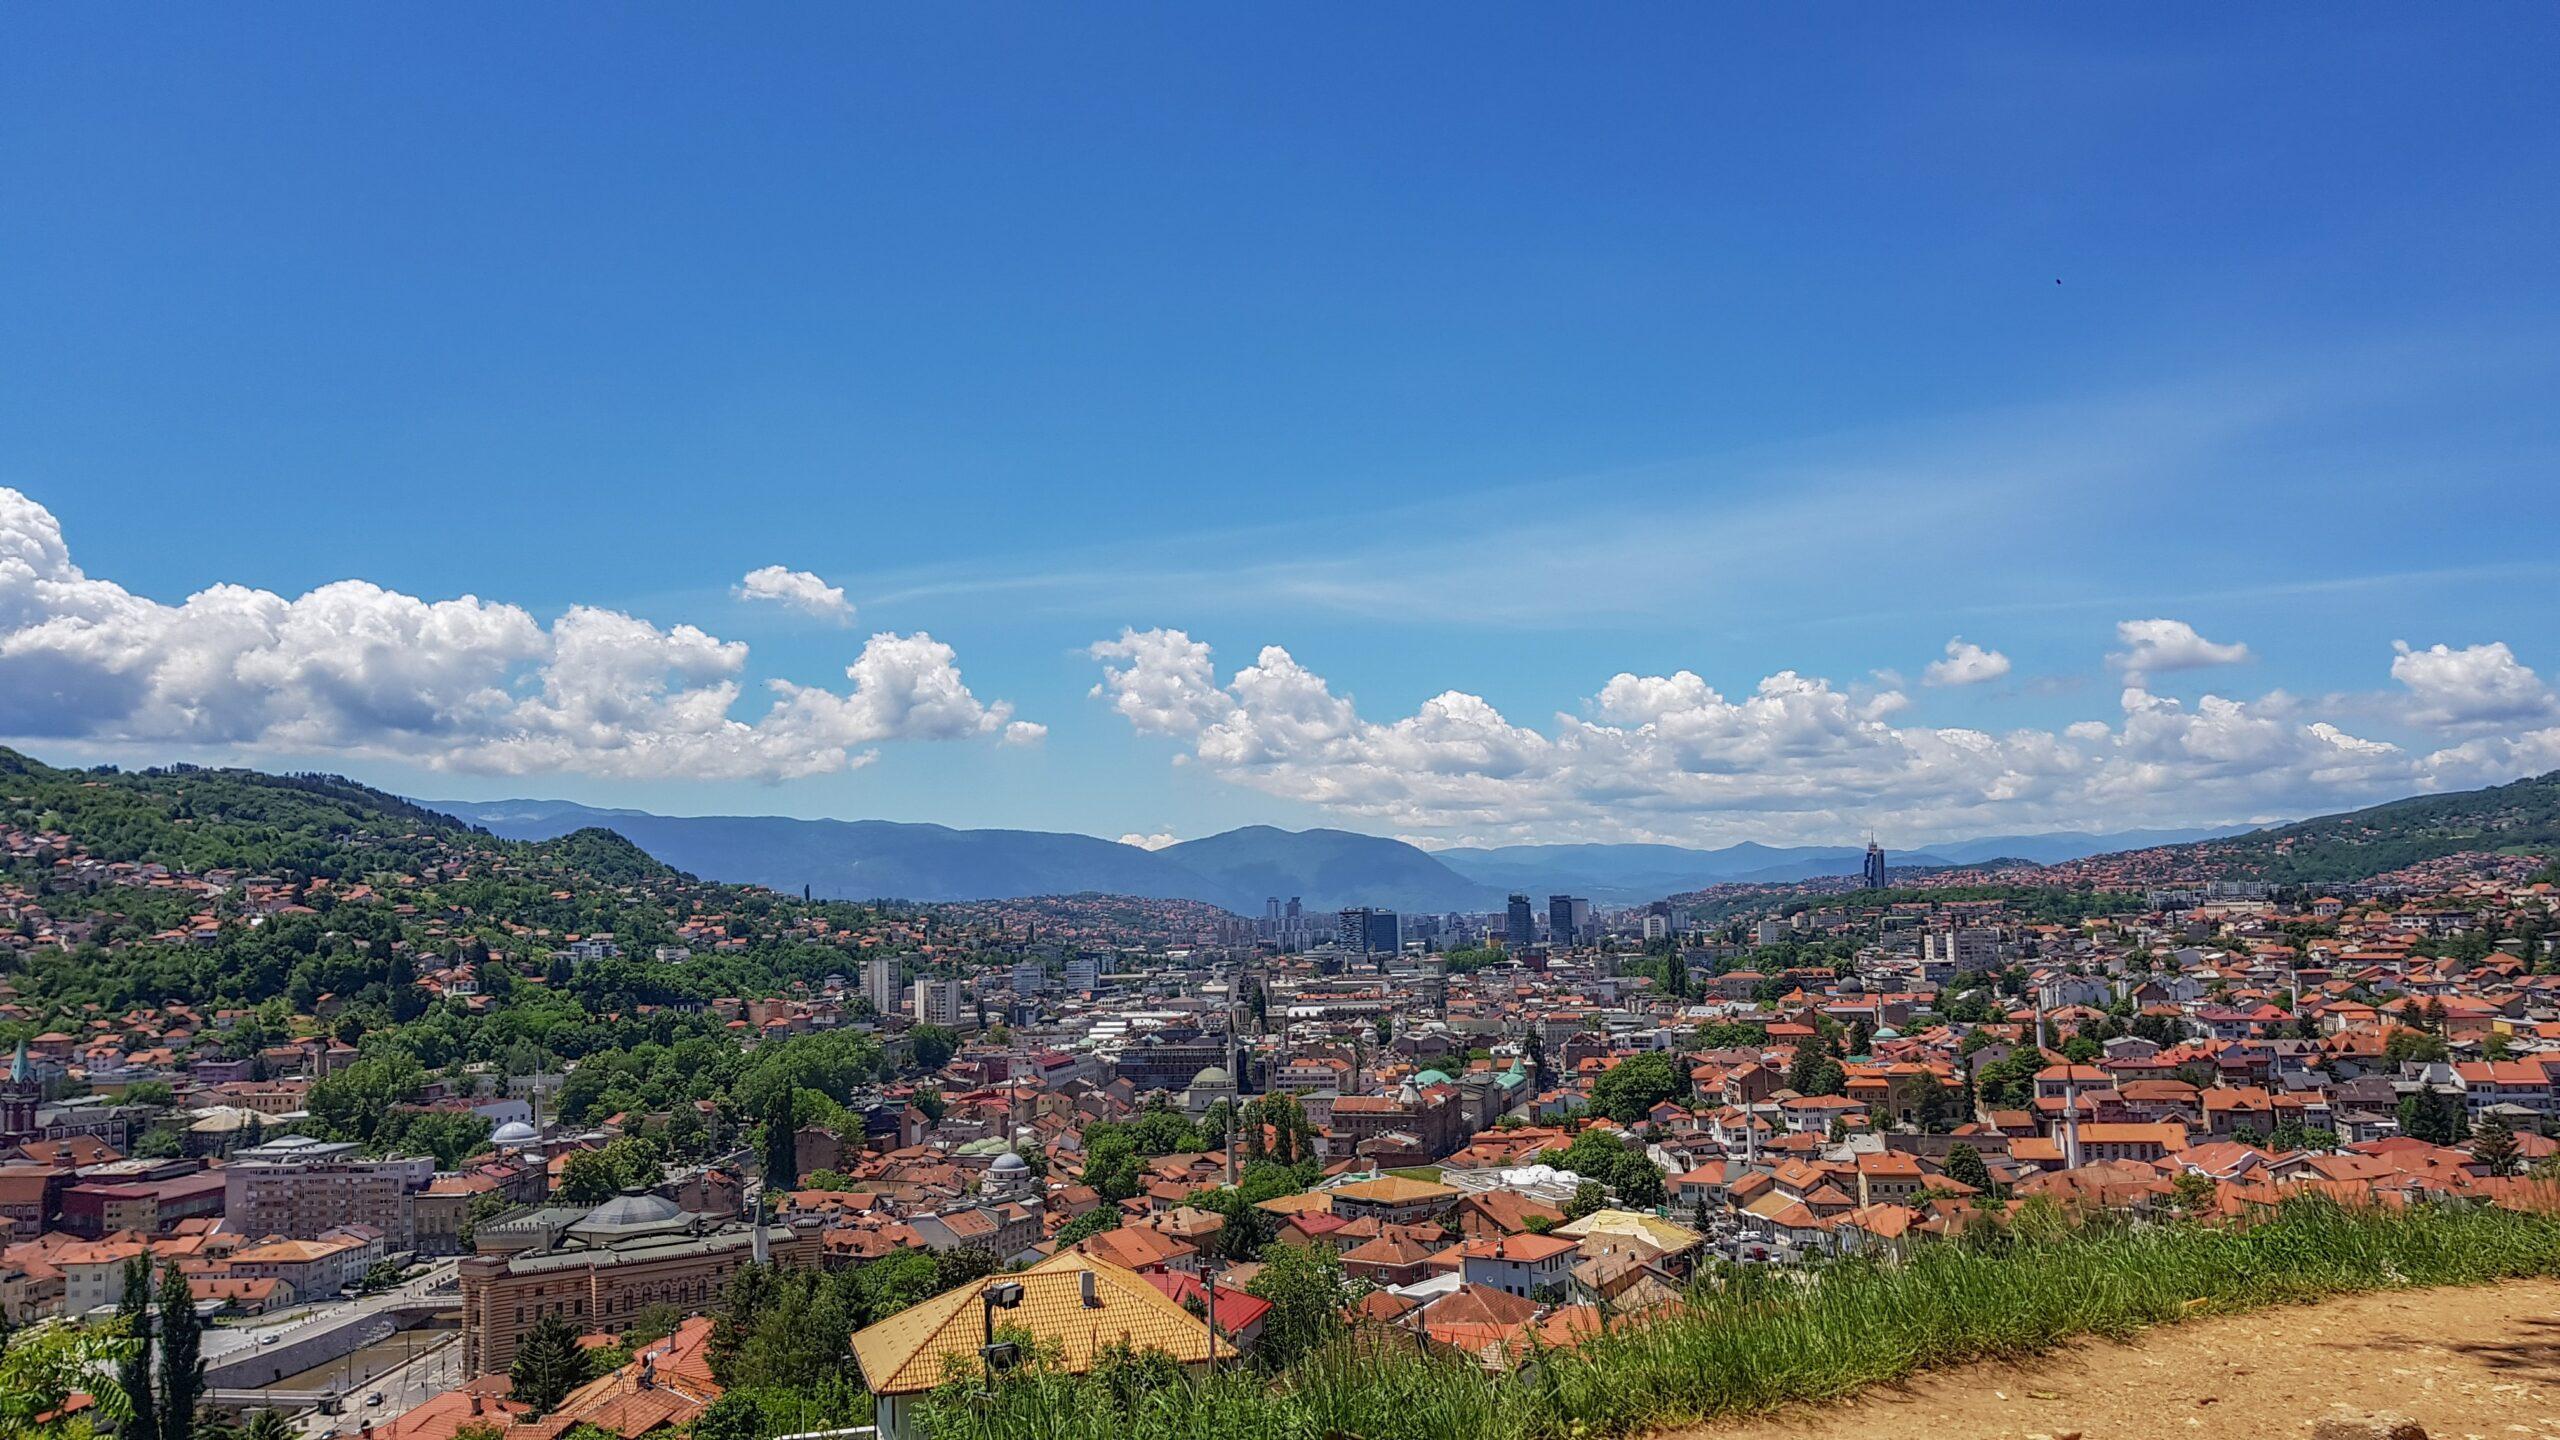 Sarajevo, bosnia, bascarsija, balkans, virtualtour, virtualreality, travel